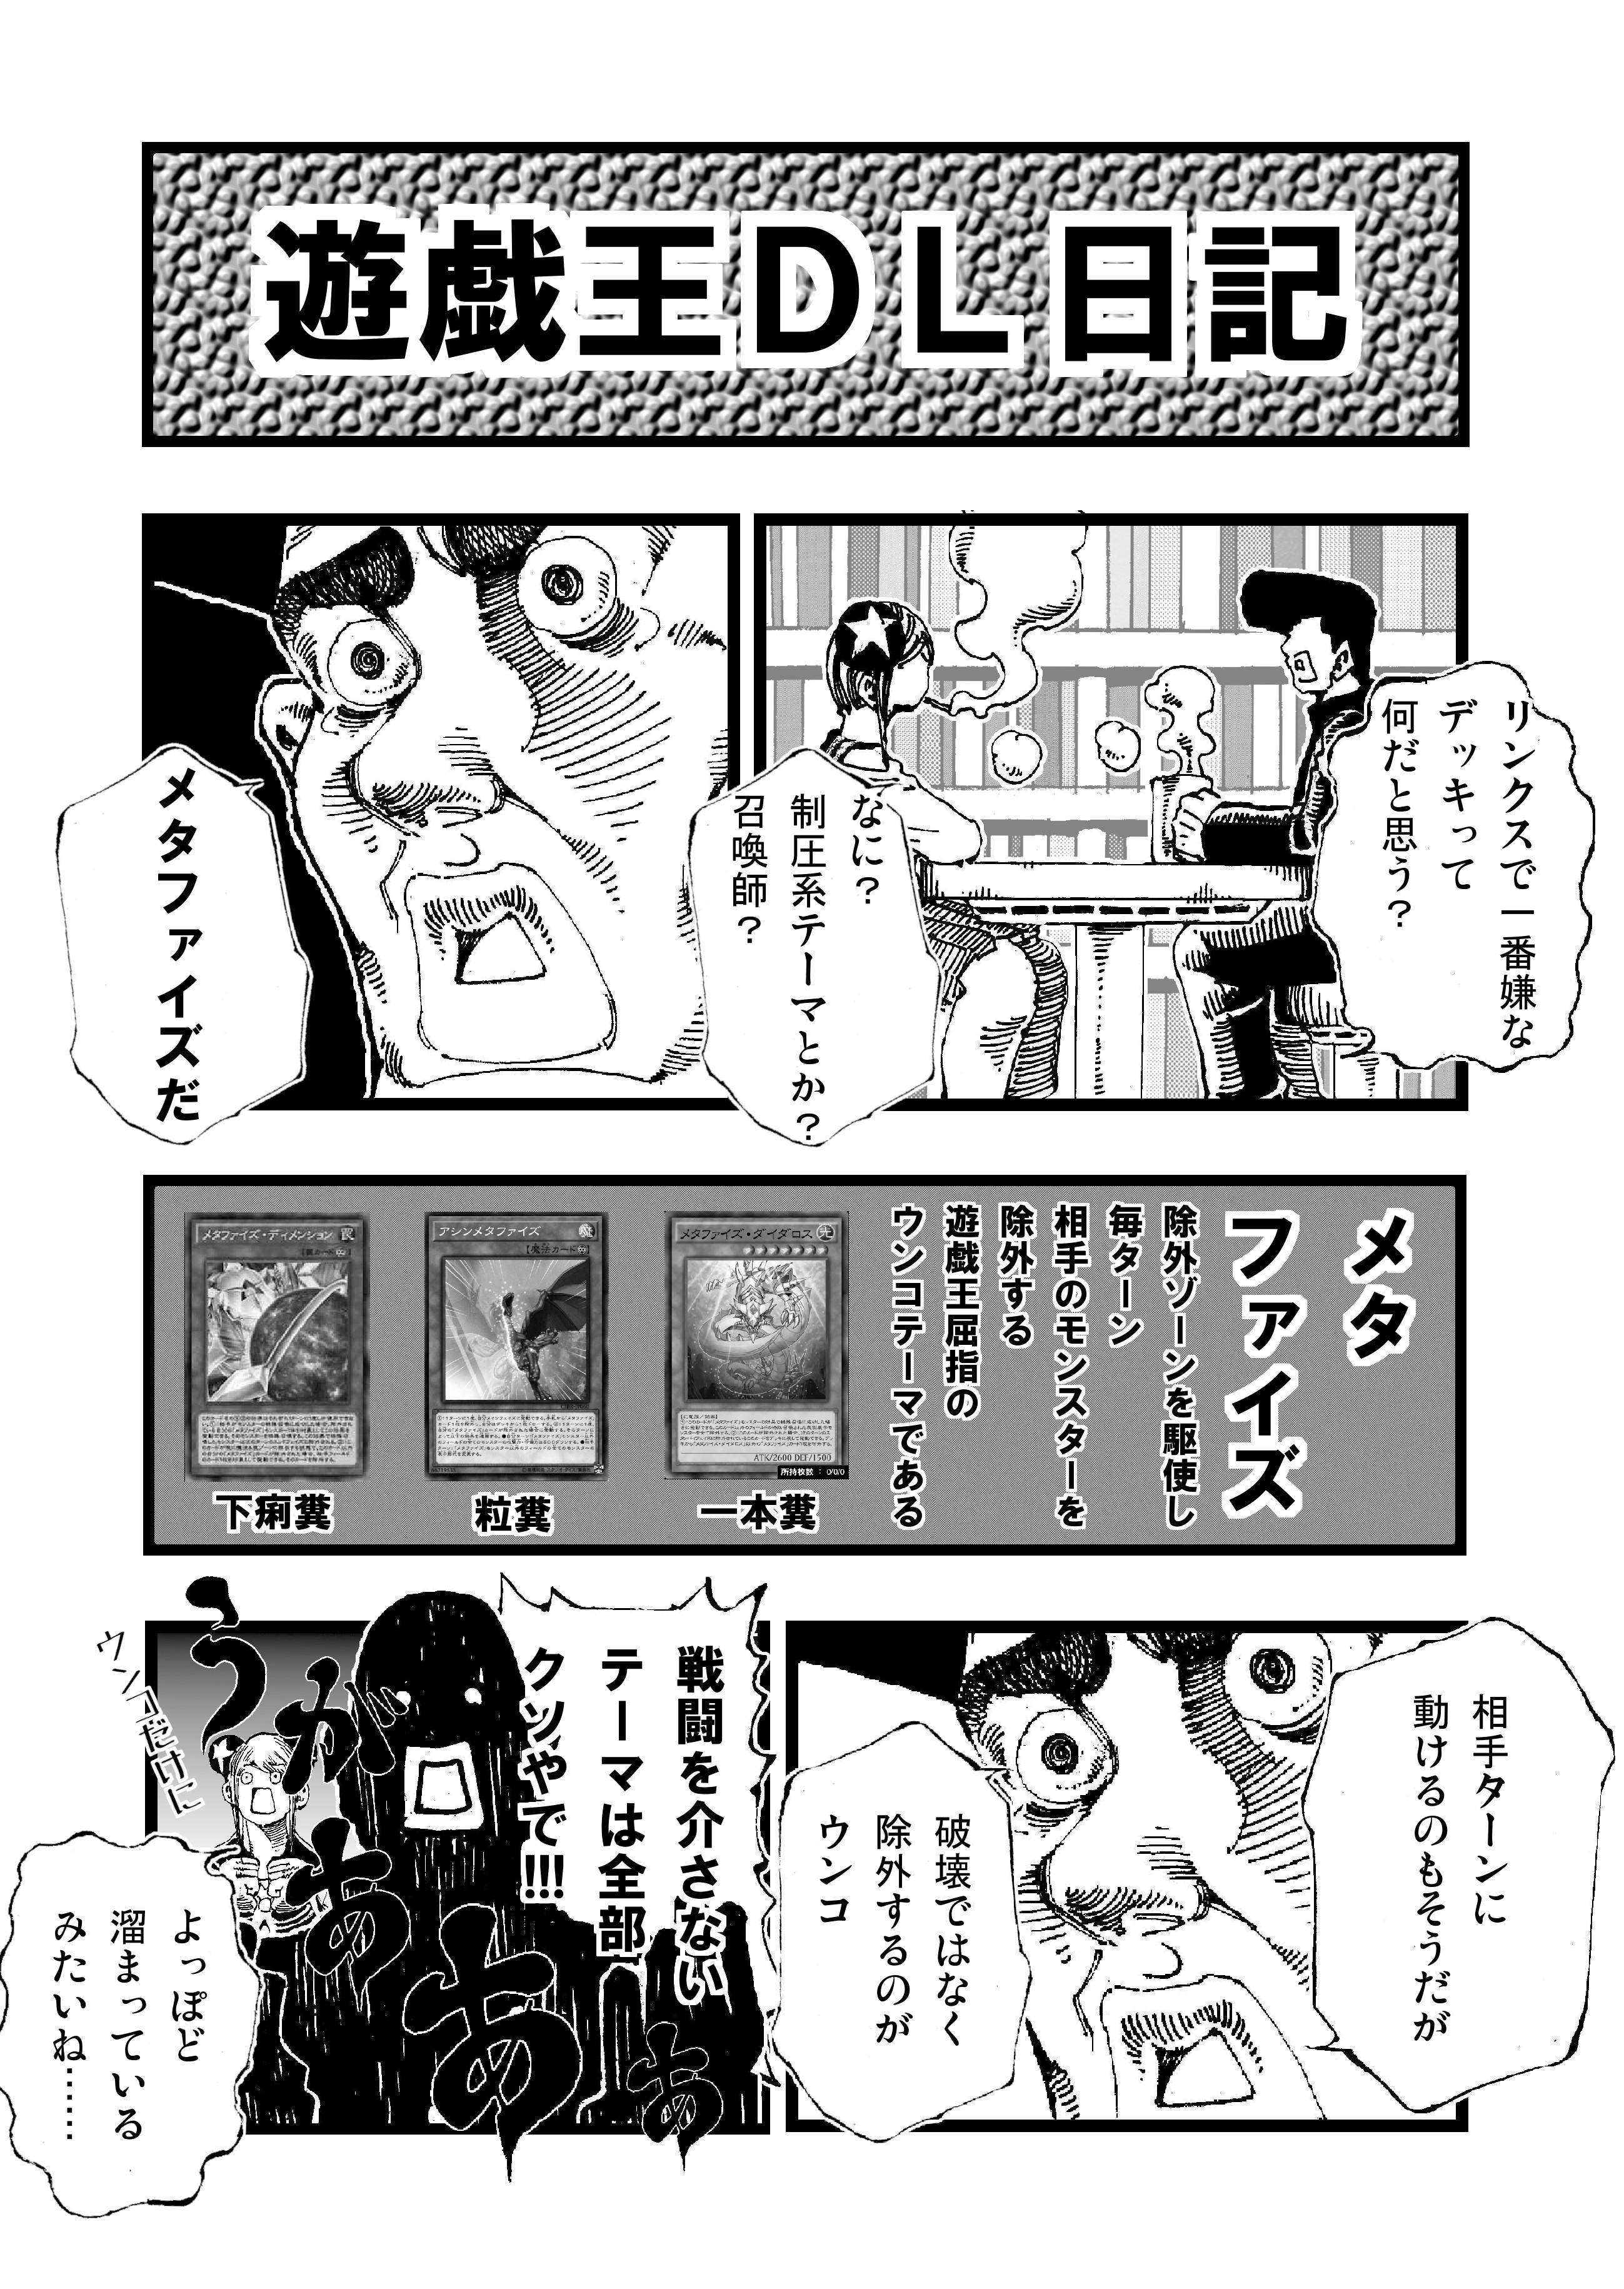 遊戯王デュエルリンクス日記30 メタファイズ